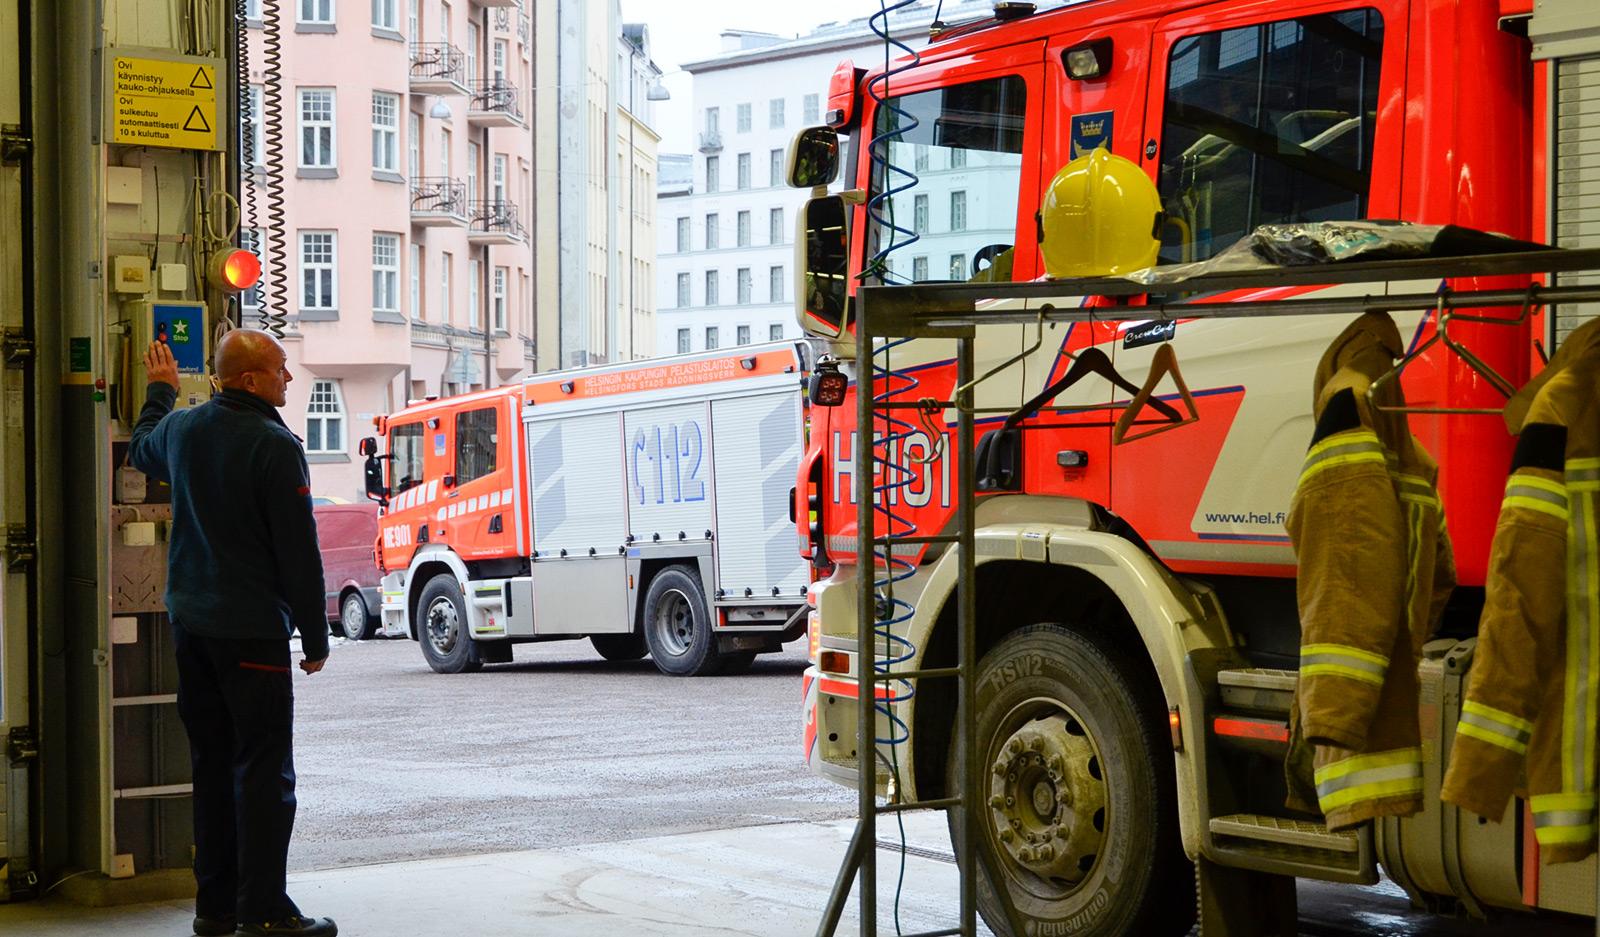 Kasvava Helsingin kaupunki tarvitsee pormestari Jan Vapaavuoren mielestä myös oikein suunniteltua ja suunnattua resurssin lisäämistä.